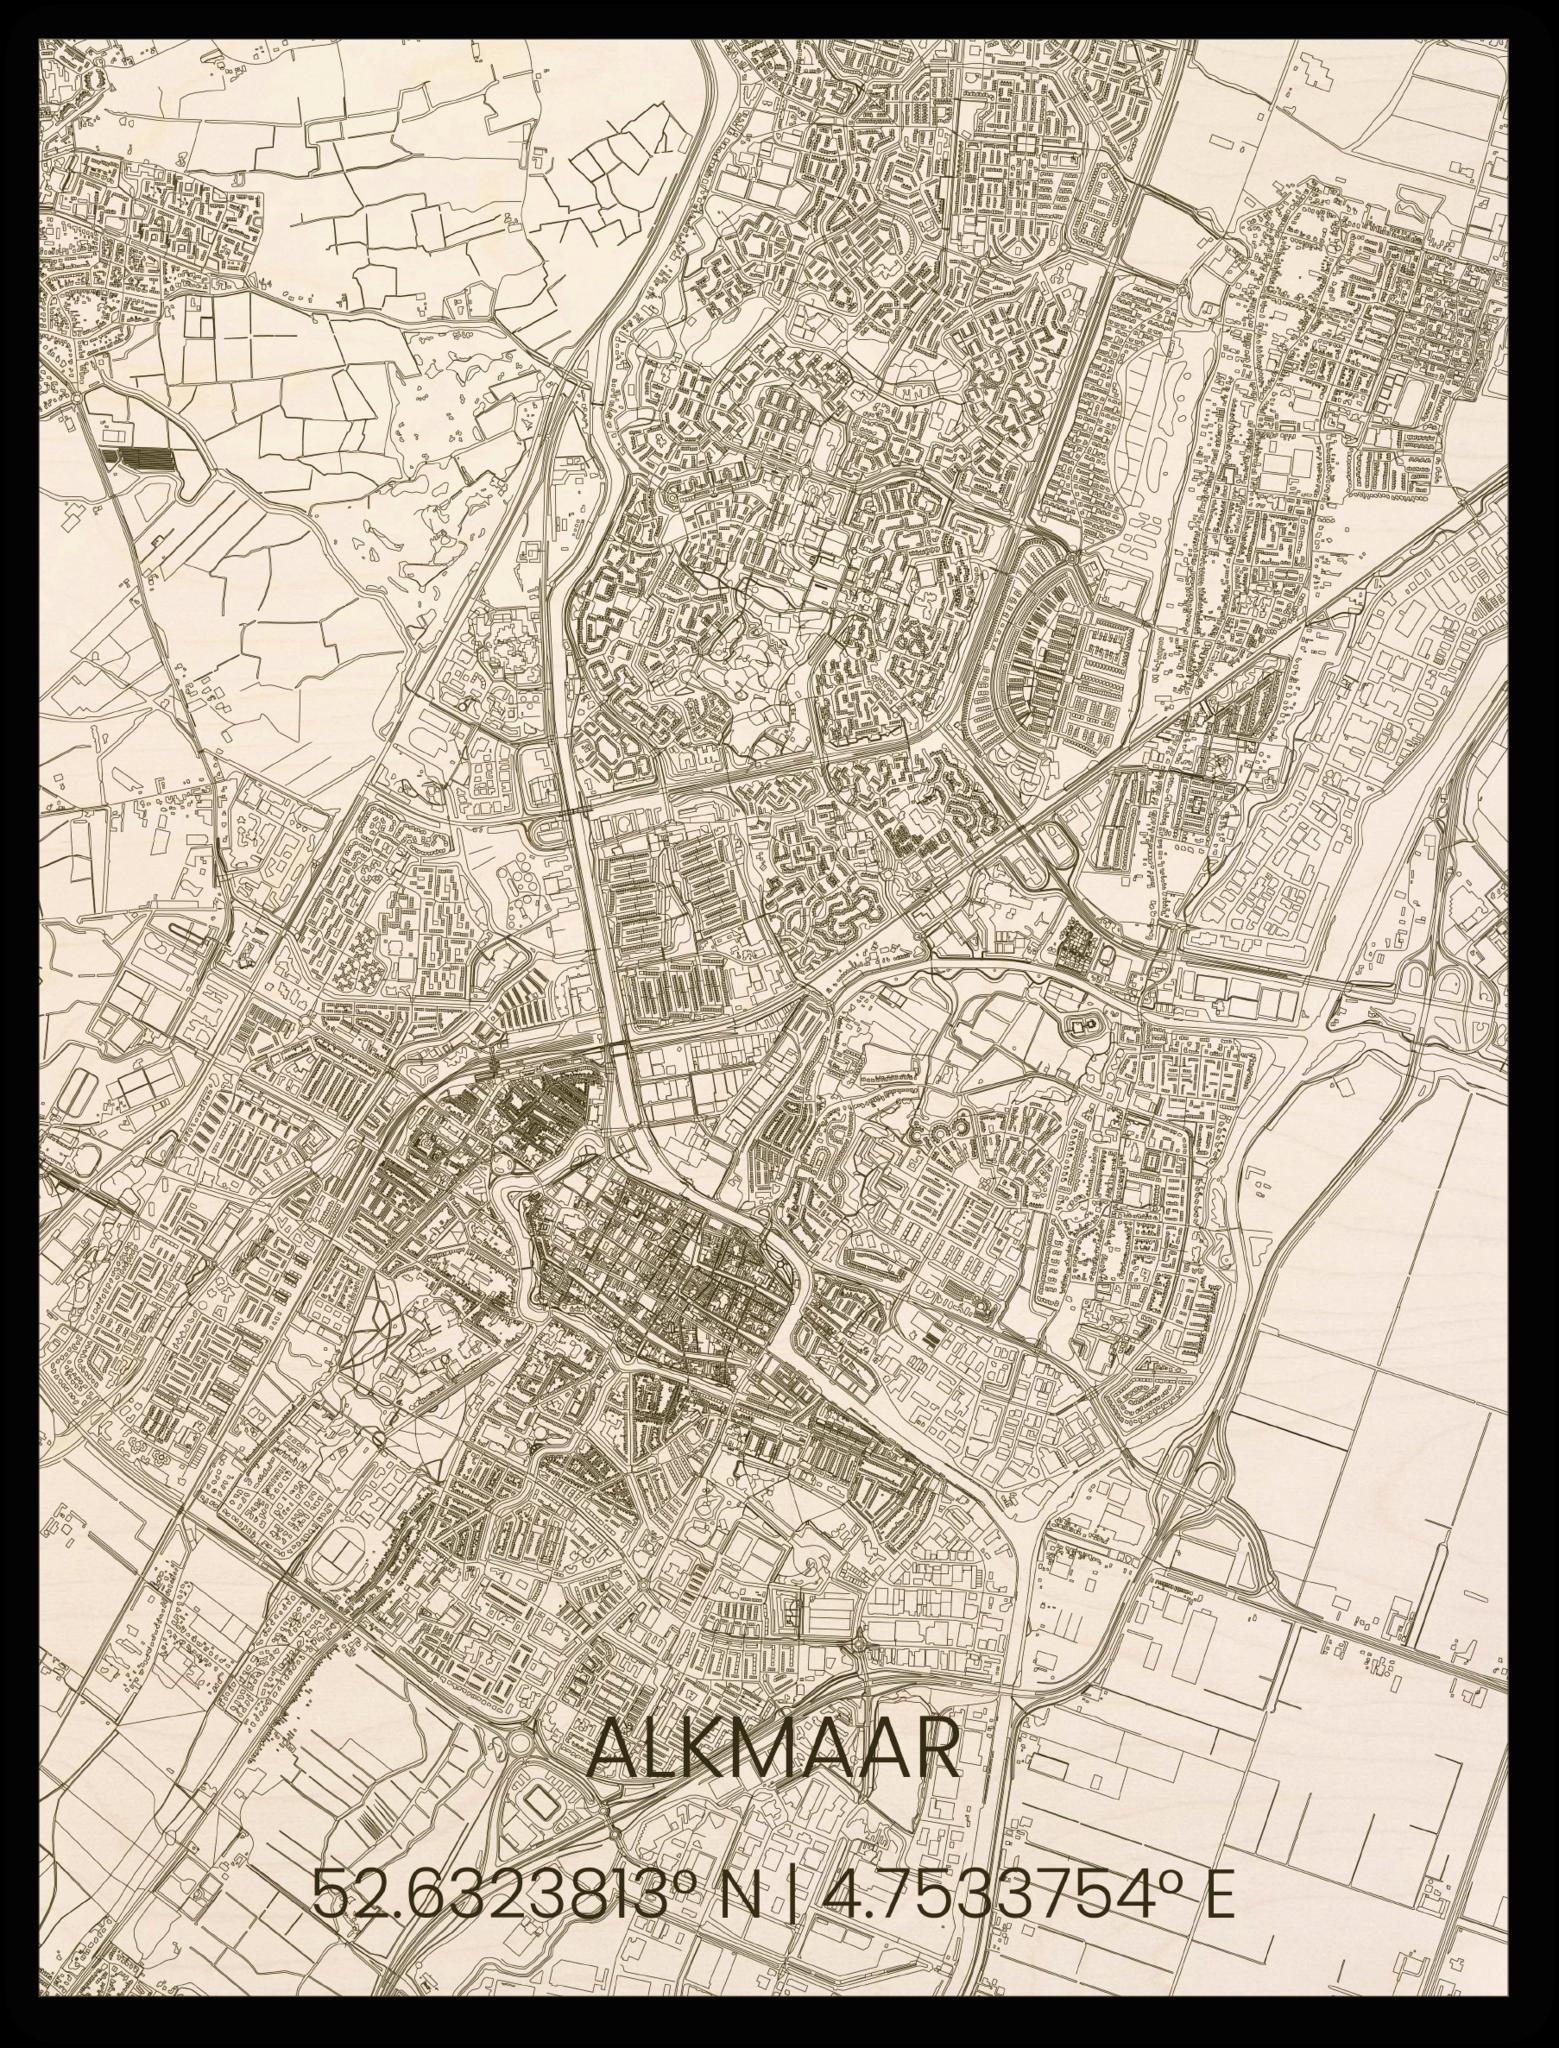 Houten stadsplattegrond Alkmaar-1